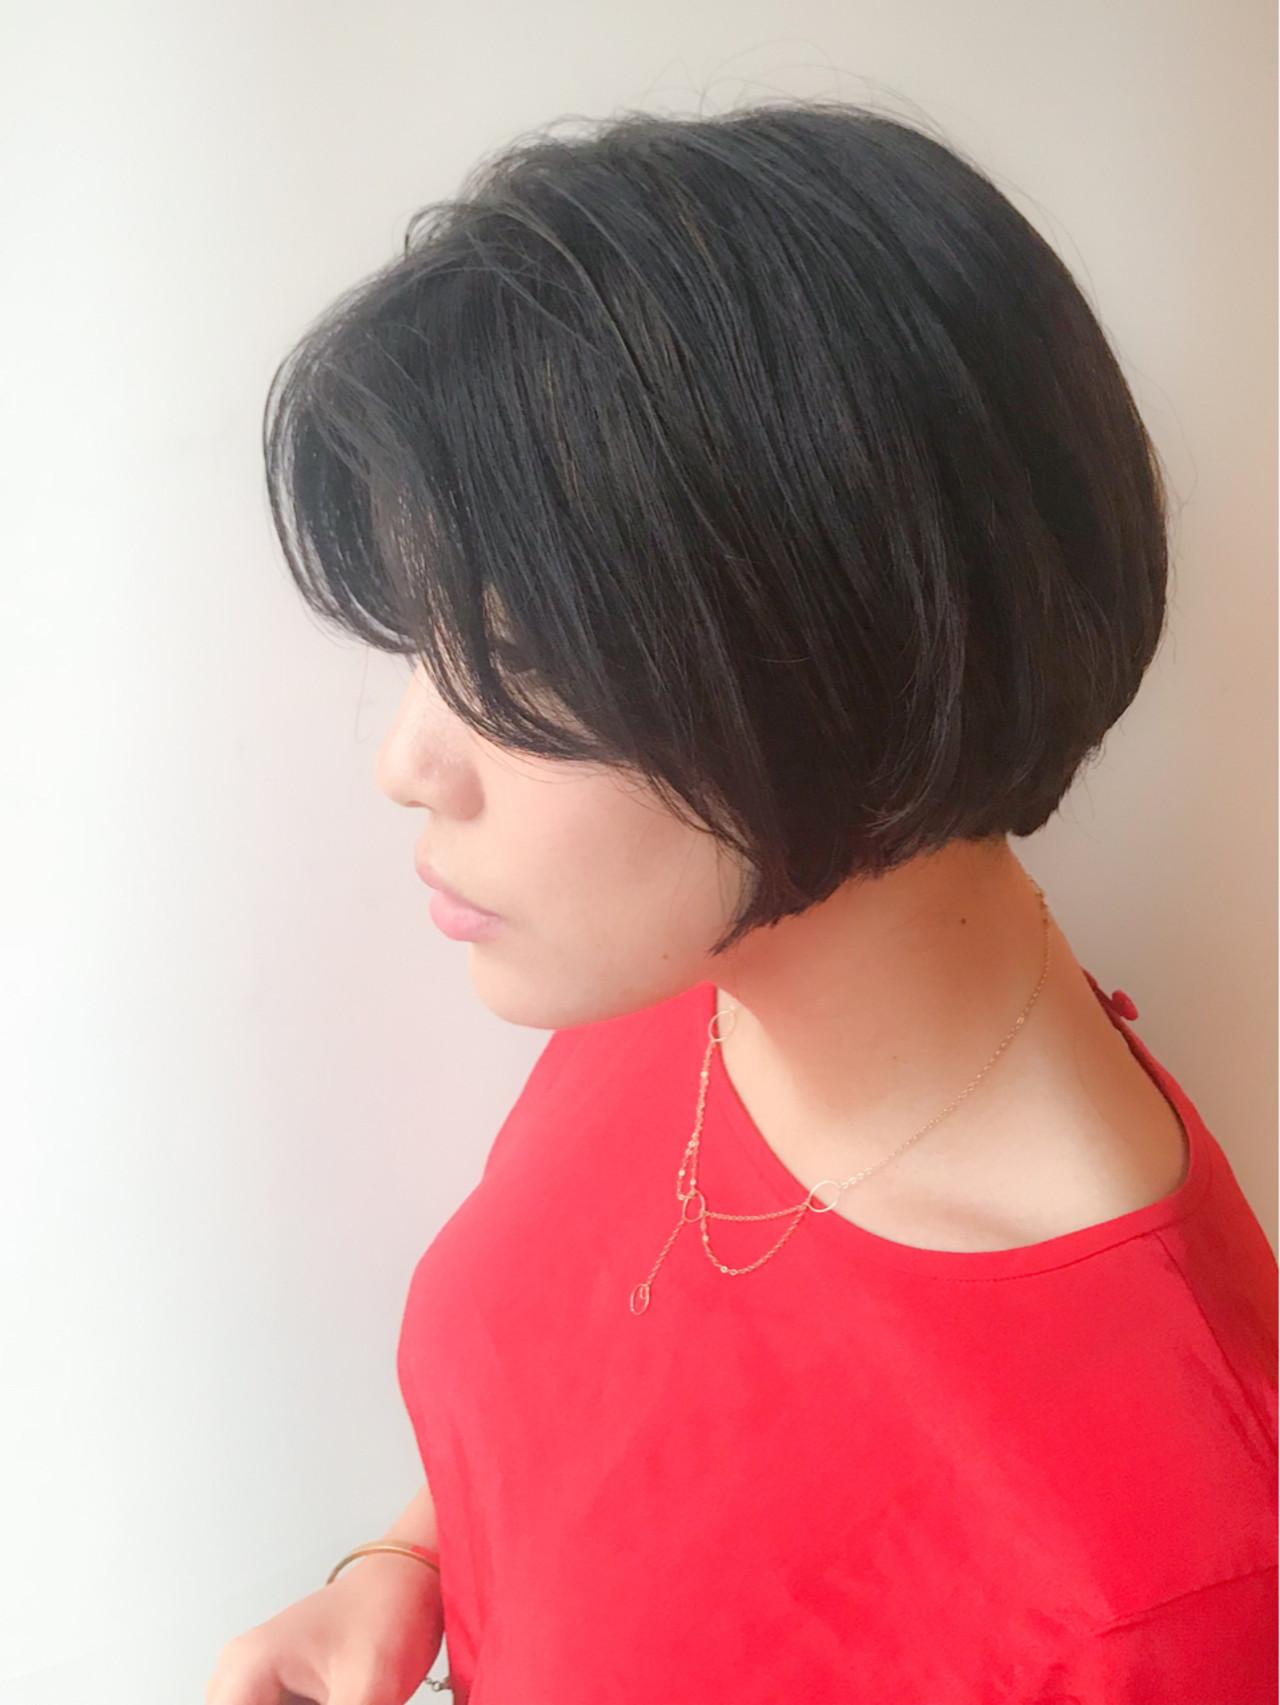 オフィス モテ髪 ショートボブ コンサバ ヘアスタイルや髪型の写真・画像